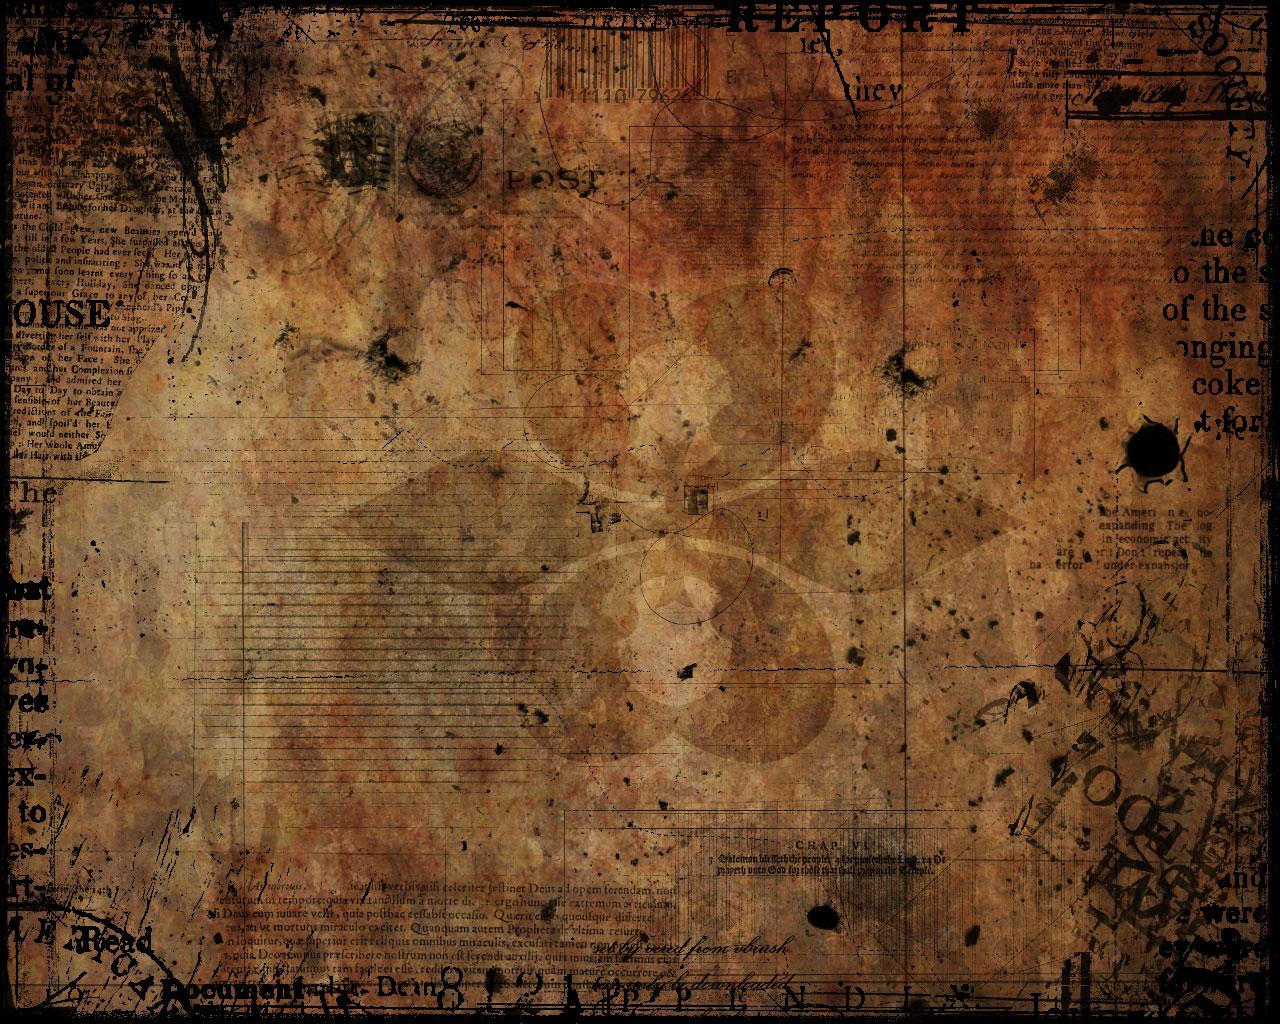 http://4.bp.blogspot.com/-2MtfS19L2hg/TwVn91jd0uI/AAAAAAAAGes/Bvub-Wir0q8/s1600/Grunge-wallpaper-2.jpg